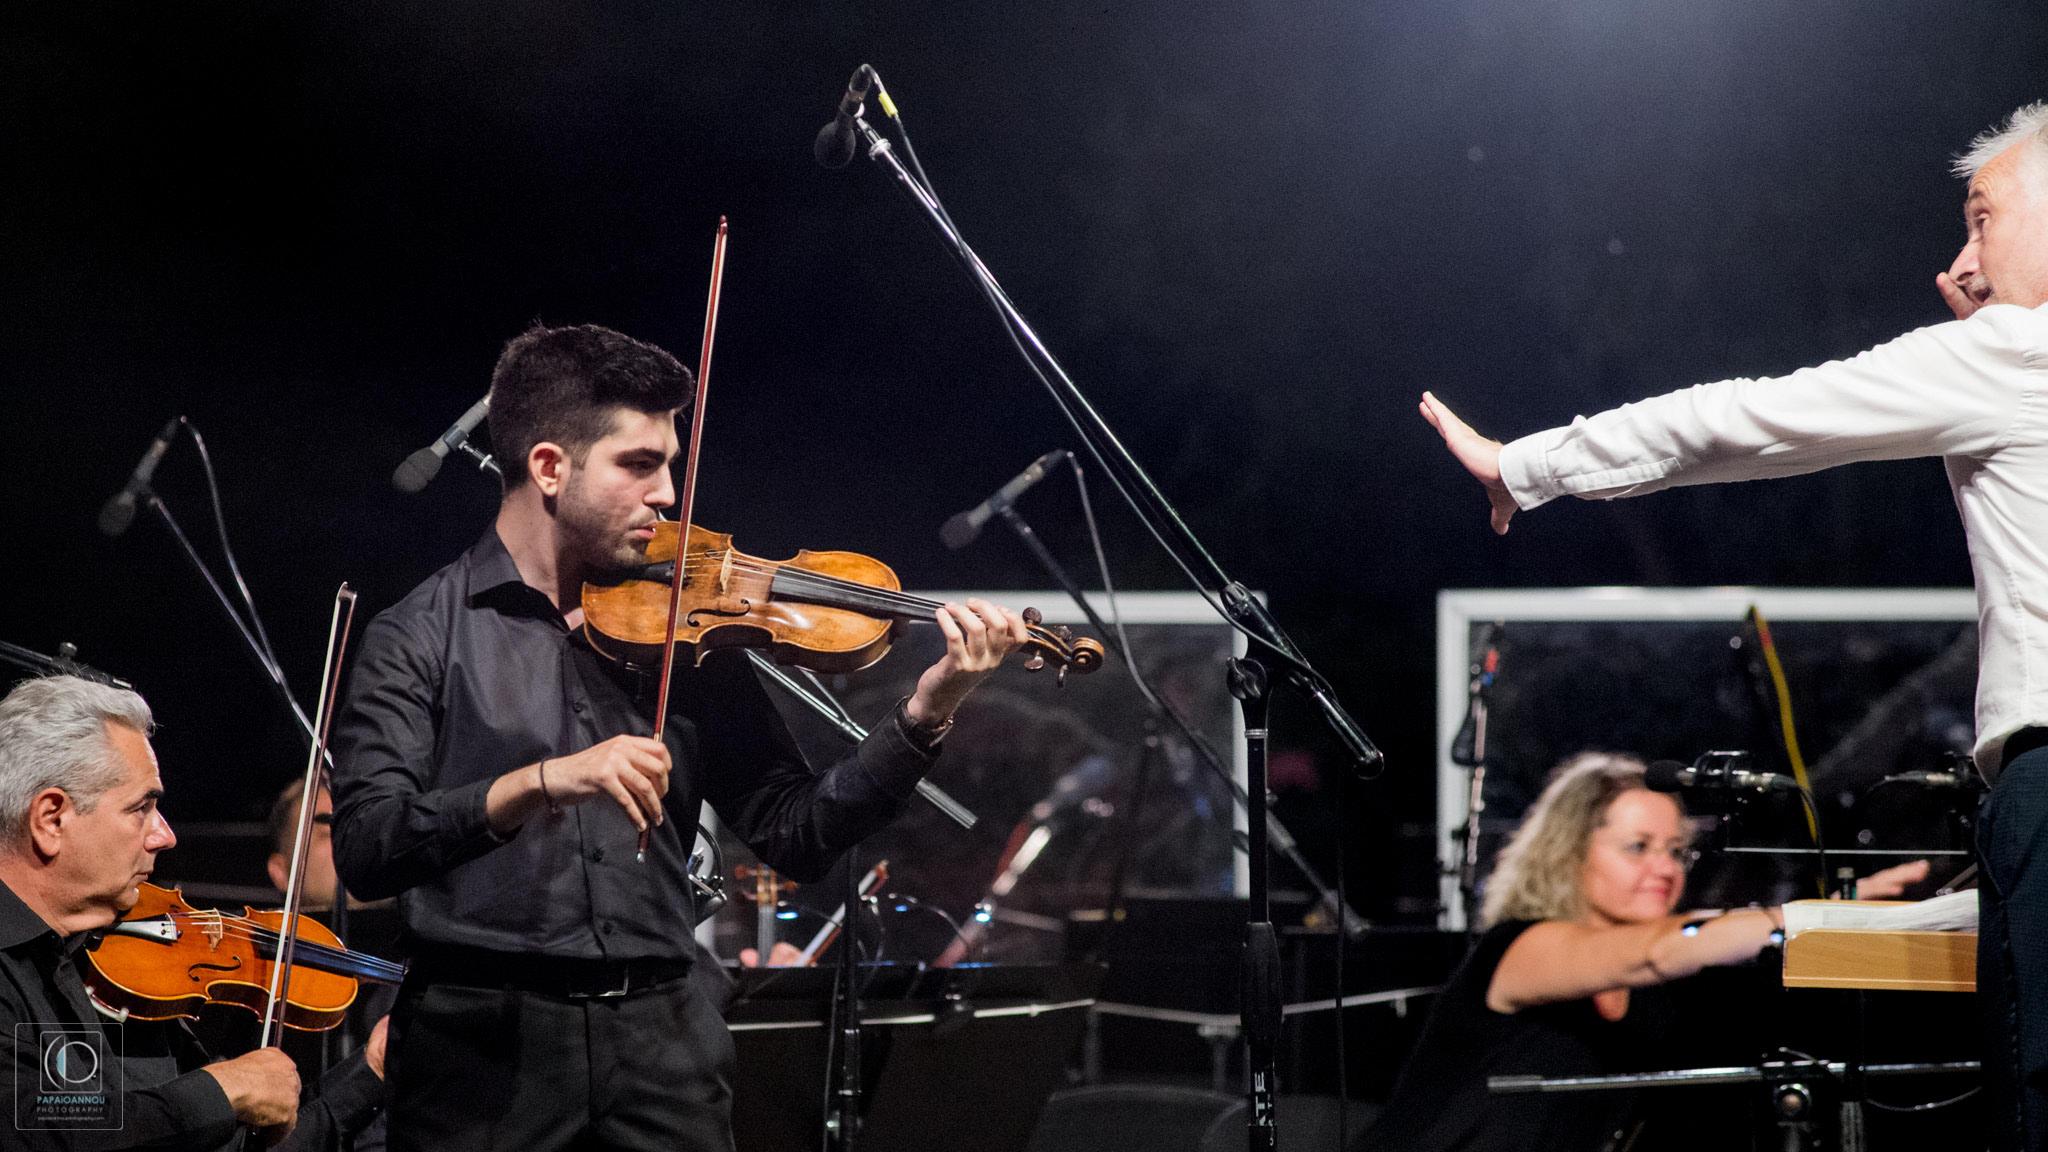 Διεθνές Φεστιβάλ Τεχνών Αρχαίας Ολυμπίας: Συνεπήρε το κοινό η Κρατική Ορχήστρα Αθηνών (photos)